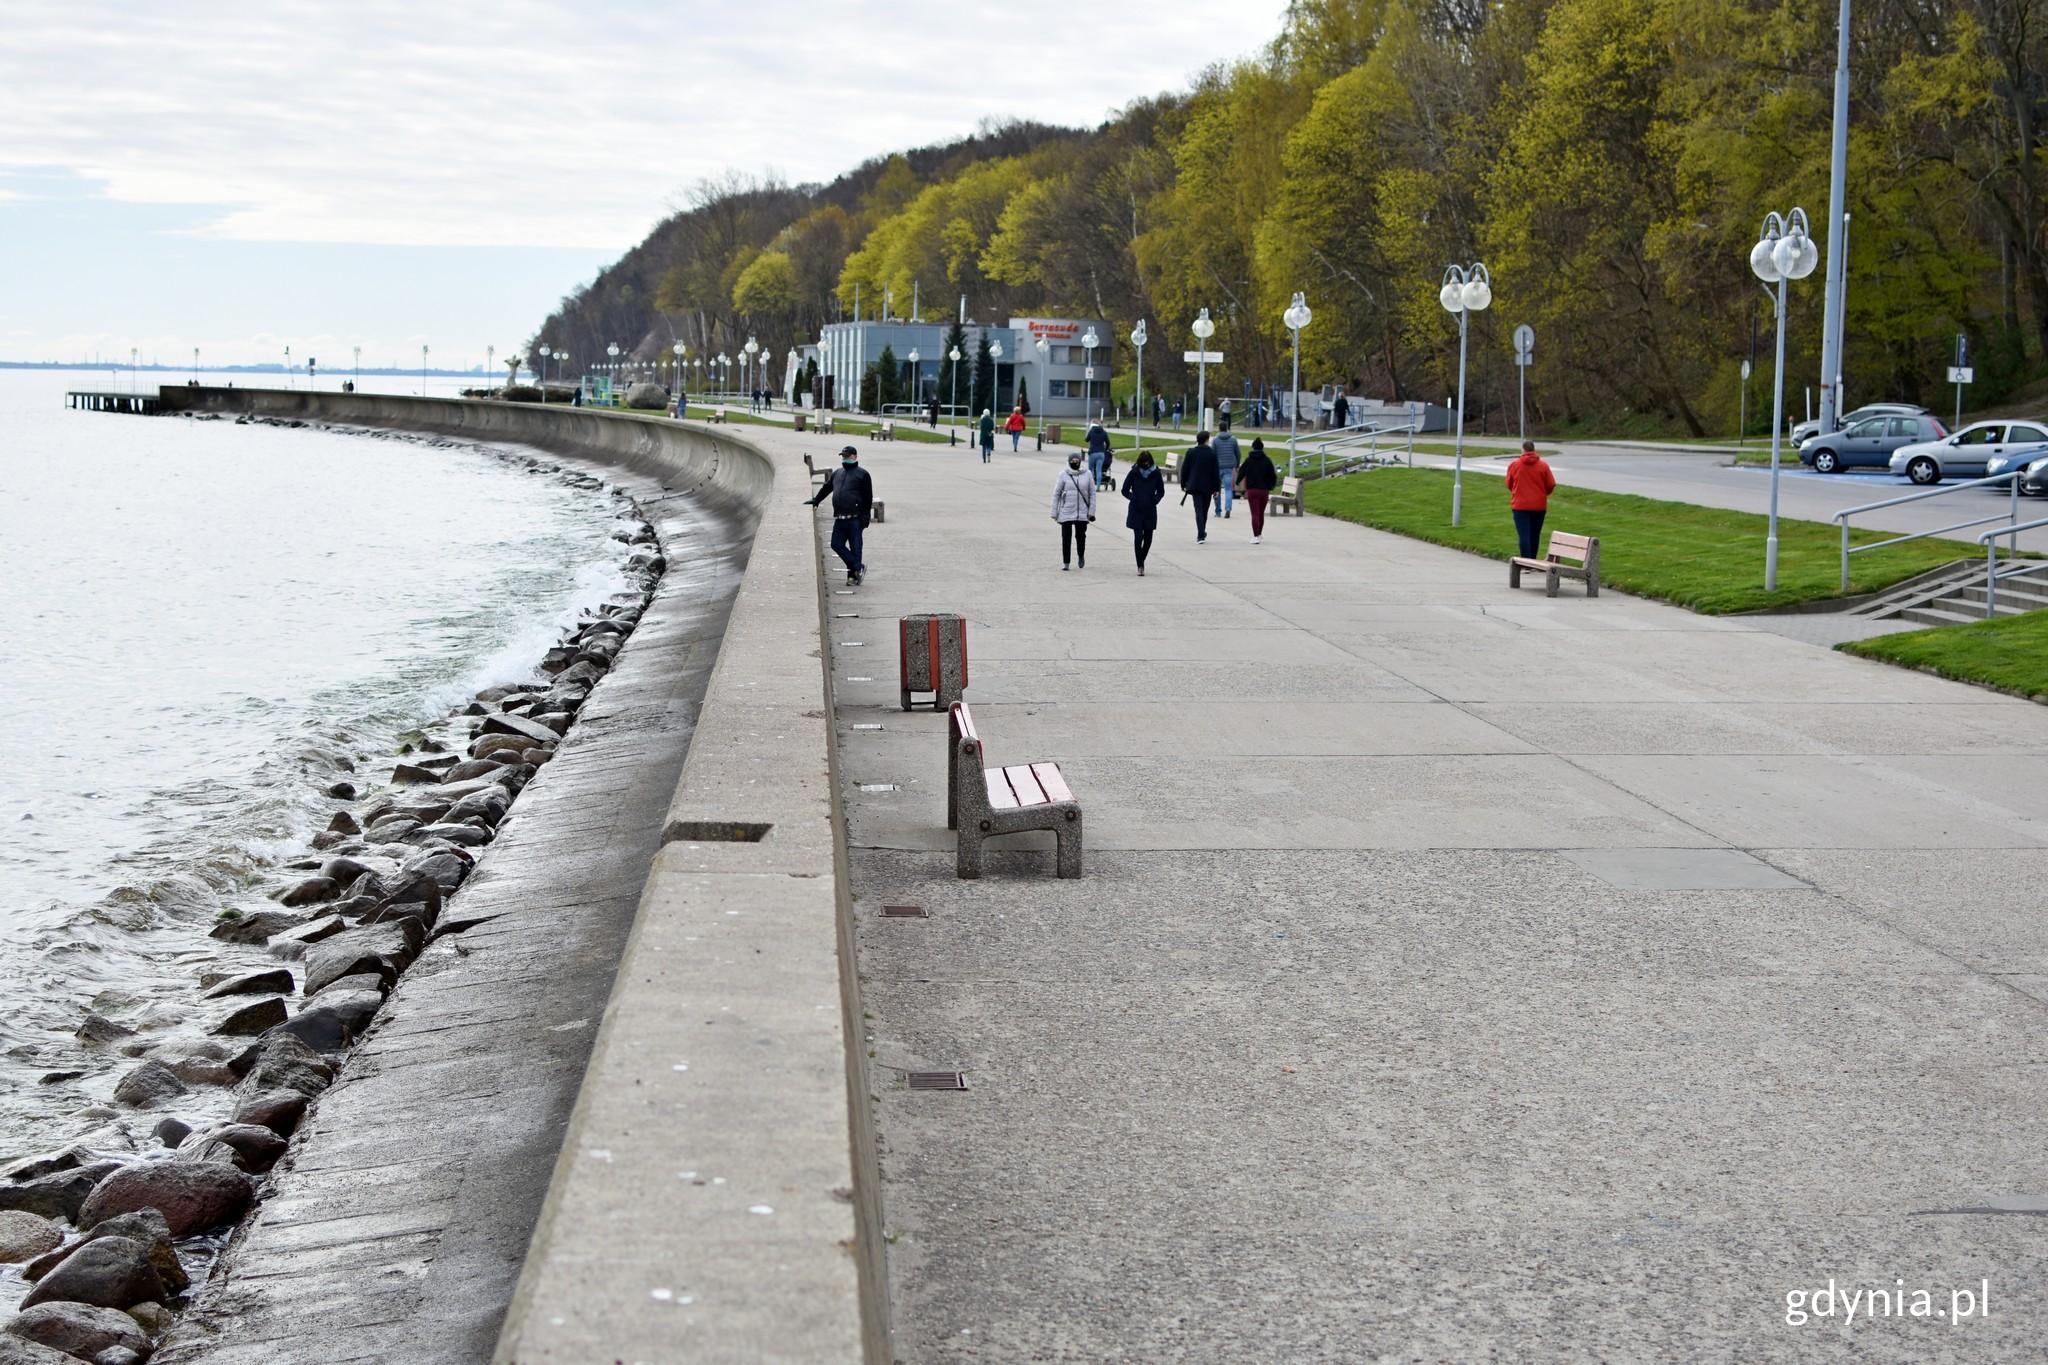 Tak obecnie wyglądają lampy na Bulwarze Nadmorskim, a juz wkrótce zostaną zamienione na minimalistyczny i energooszczędny model // fot. gdynia.pl